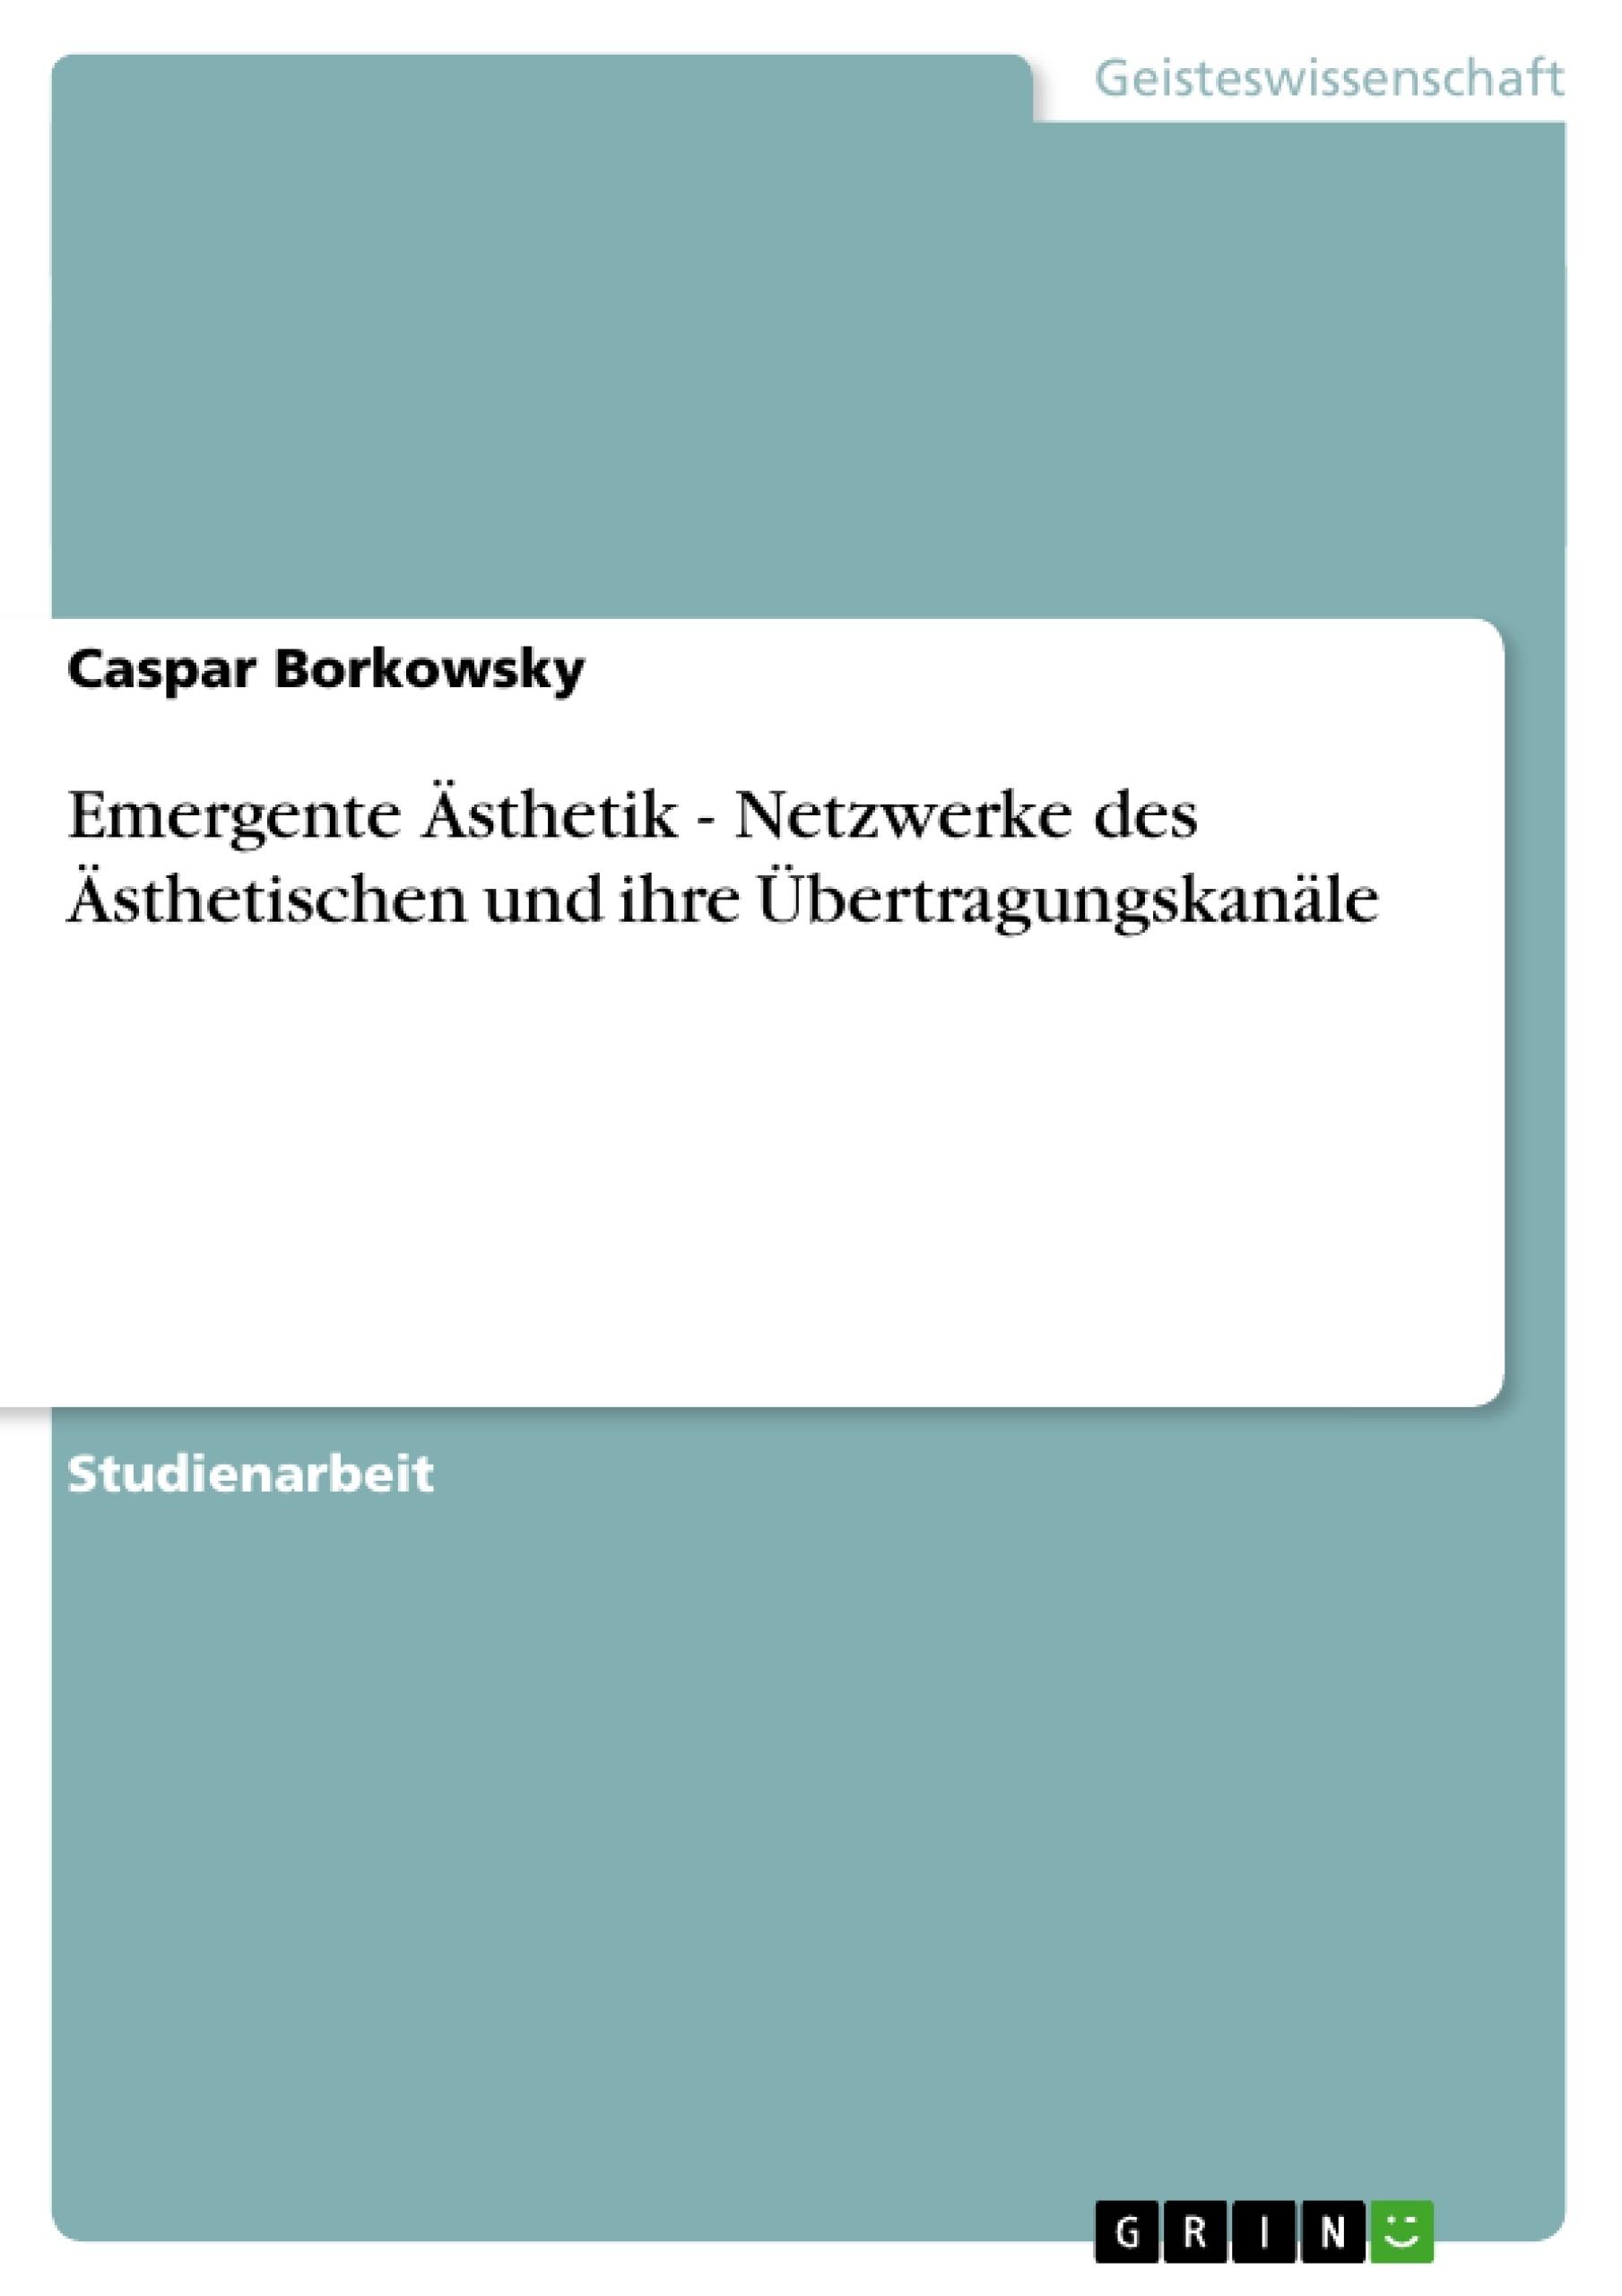 Titel: Emergente Ästhetik - Netzwerke des Ästhetischen und ihre Übertragungskanäle